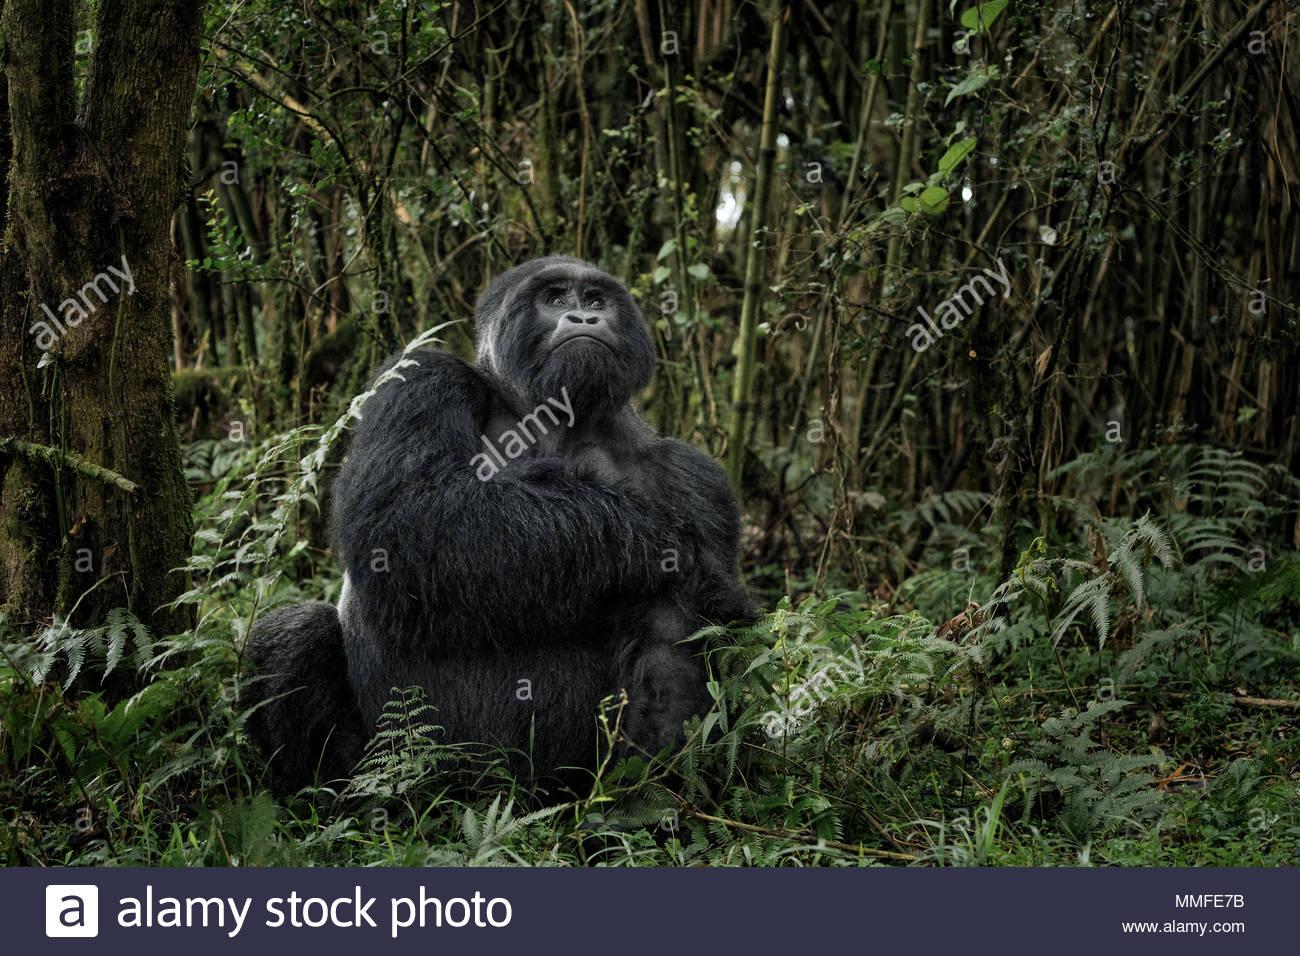 A male silverback mountain gorilla, Gorilla beringei beringei, sitting in the dense jungle. - Stock Image